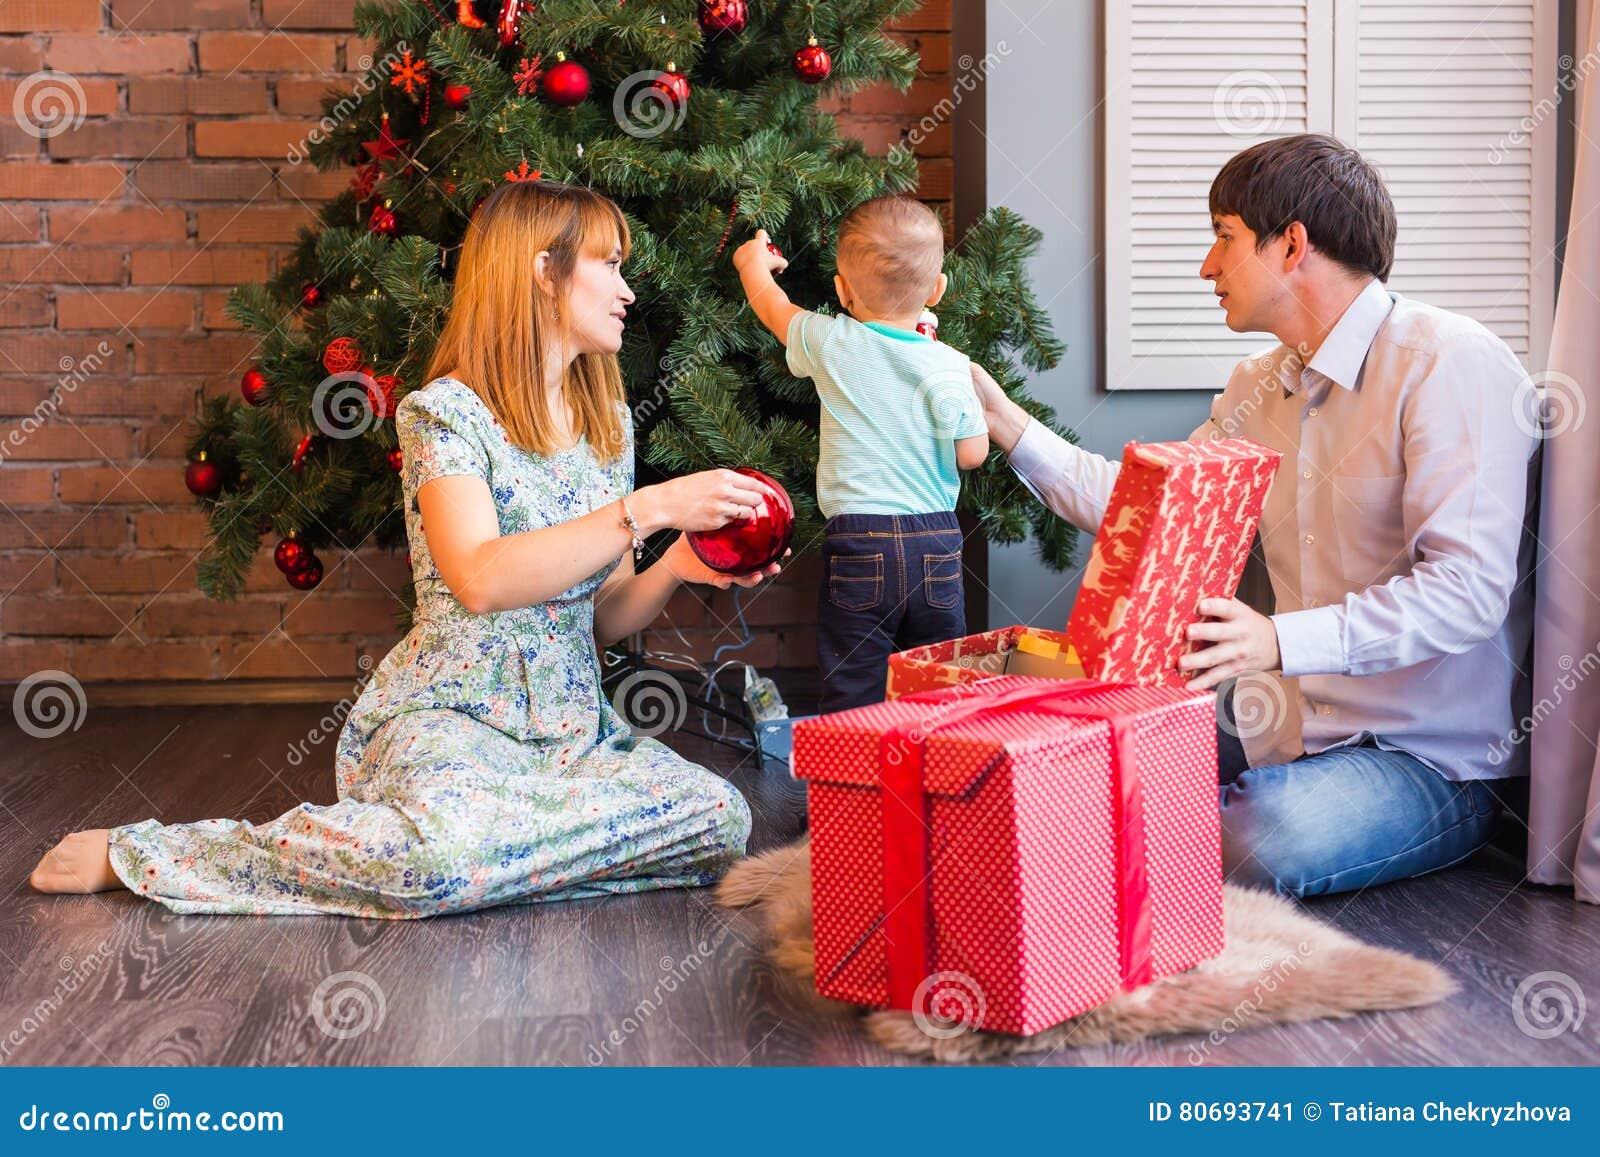 Glückliche Familie, die zusammen Weihnachtsbaum verziert Vater, Mutter und Sohn Nettes Kind zicklein